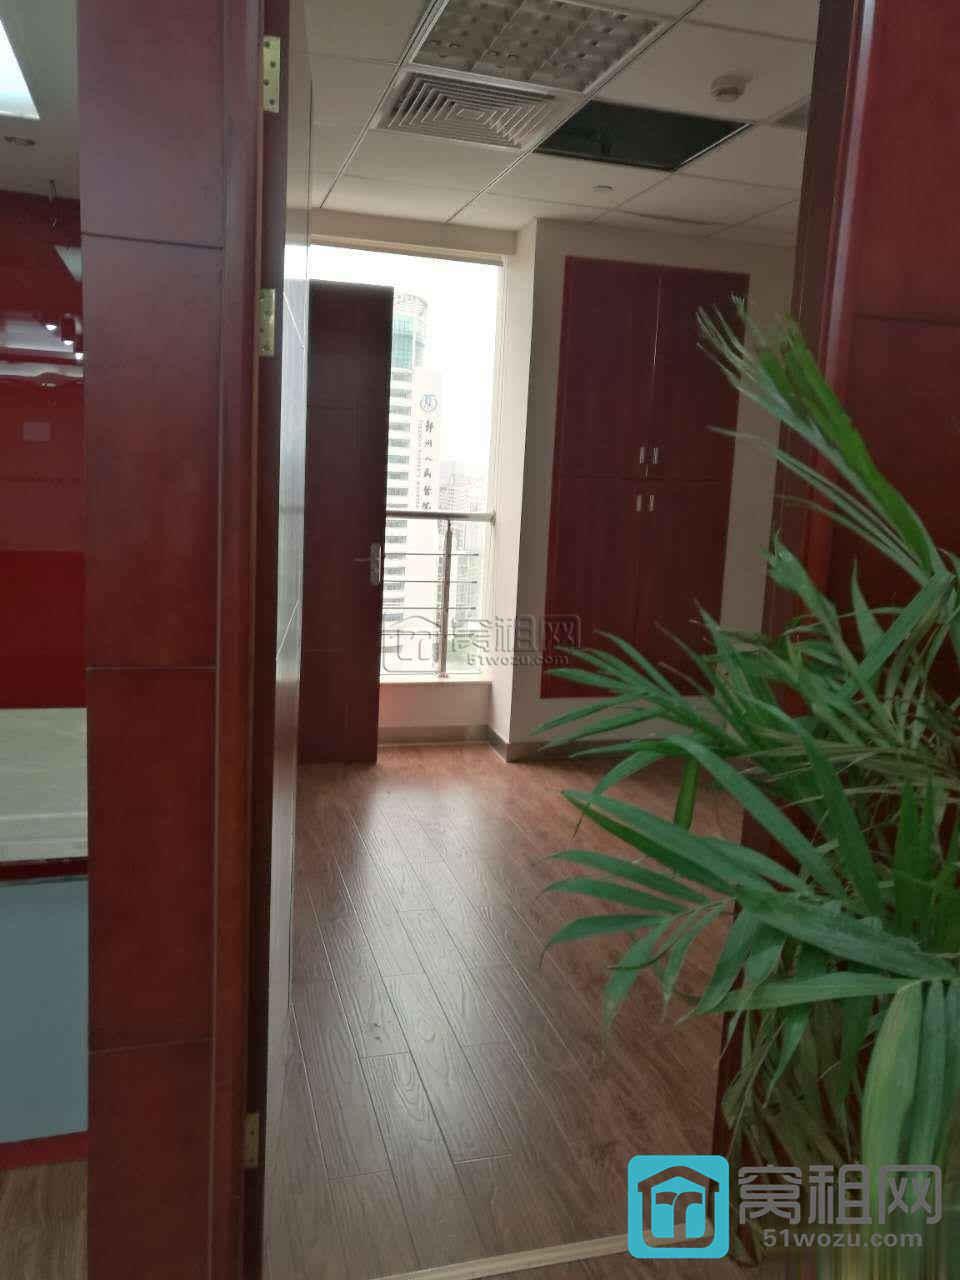 宁波甲级写字楼波特曼大厦370平装修带家具出租